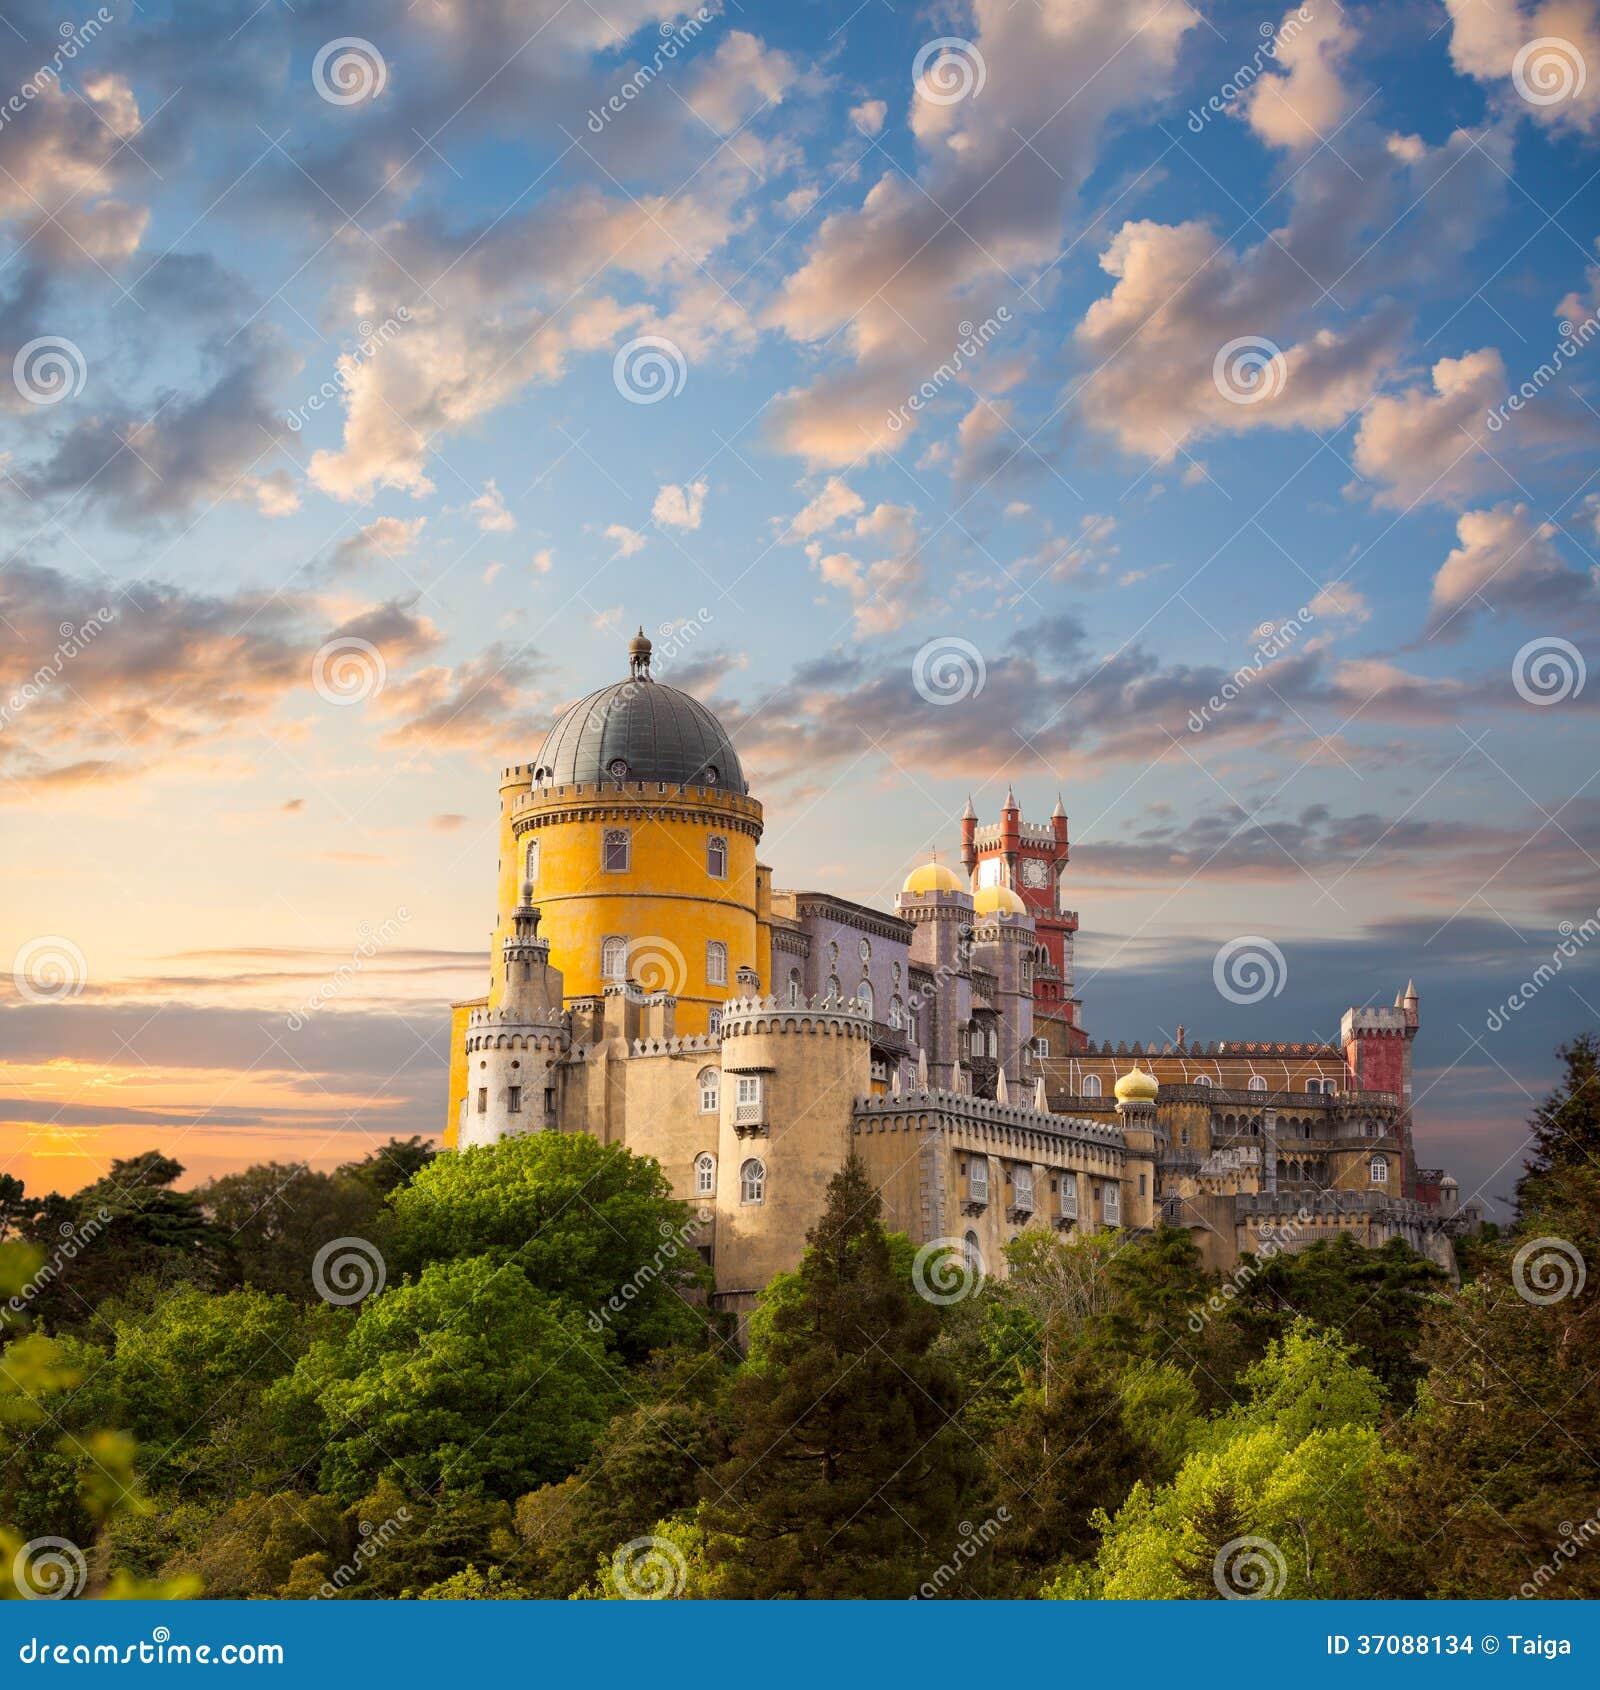 Download Czarodziejski Pałac Przeciw Pięknemu Niebu, Panoramie Obywatel Pala/ Zdjęcie Stock - Obraz złożonej z panorama, architektury: 37088134